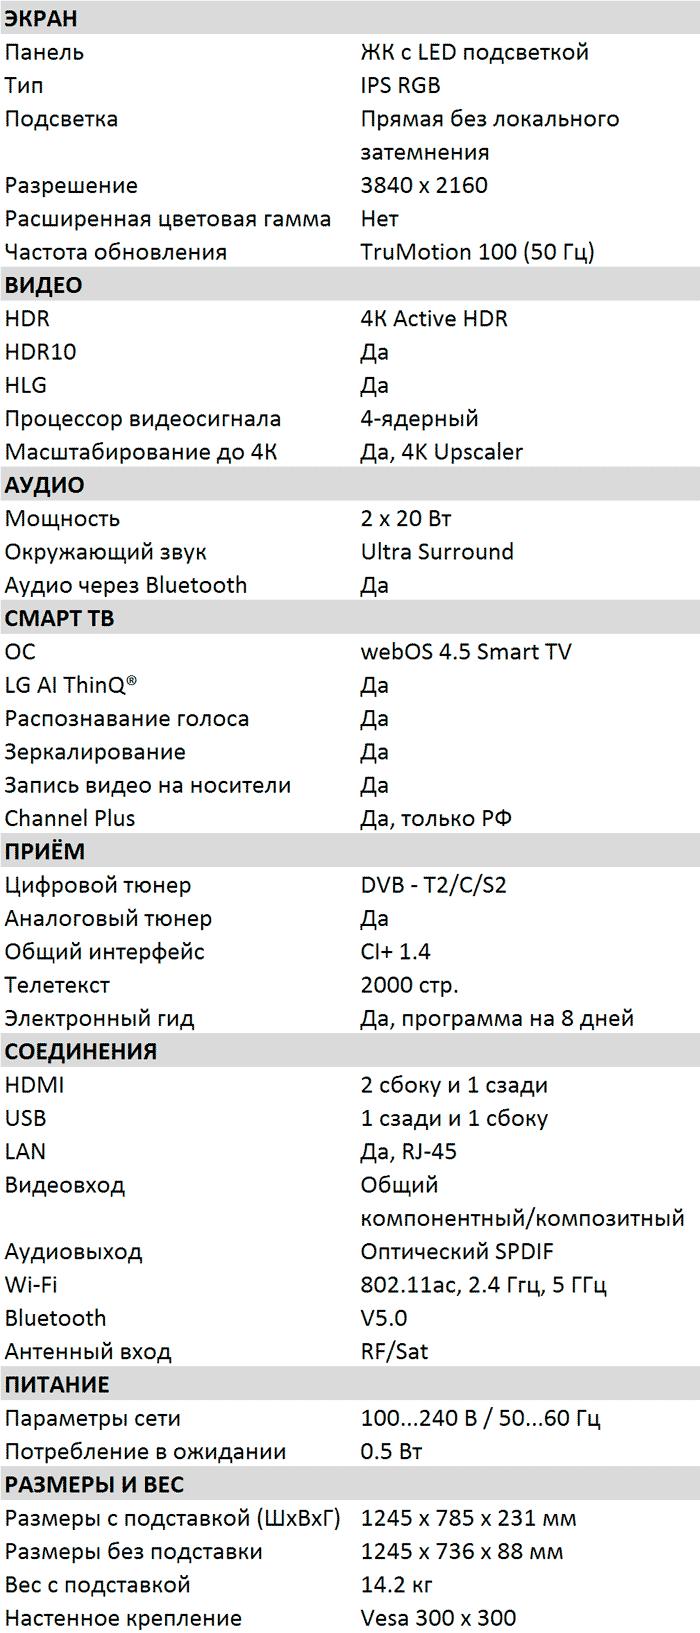 Характеристики UM7300